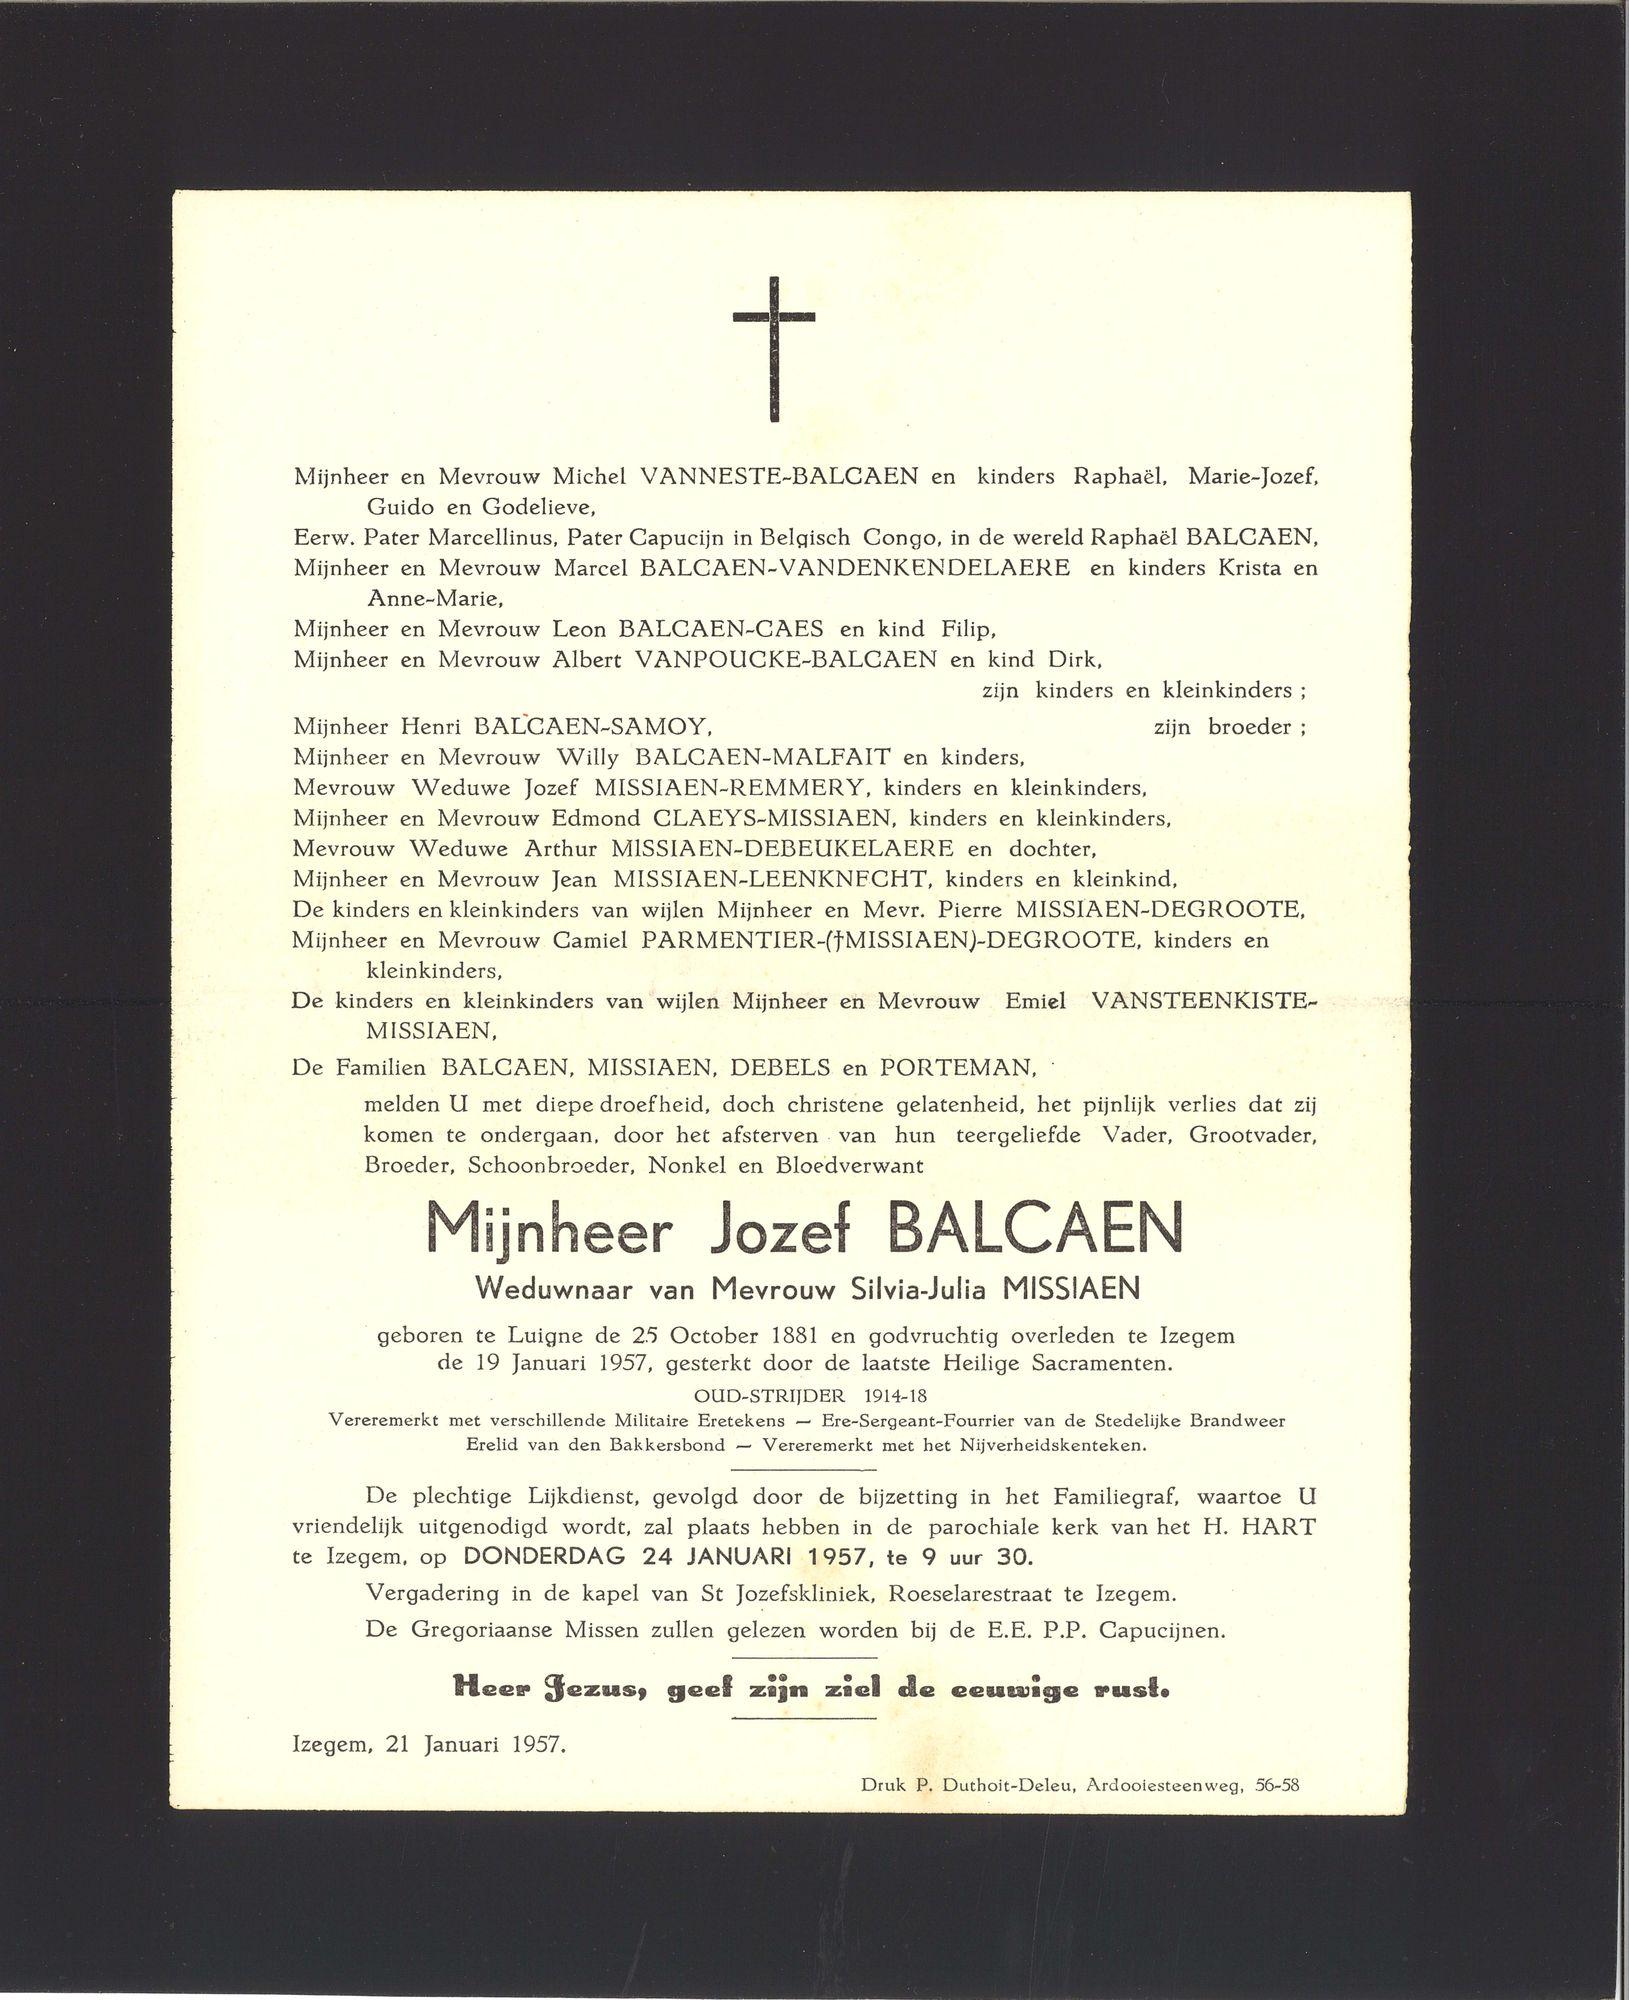 Jozef Balcaen